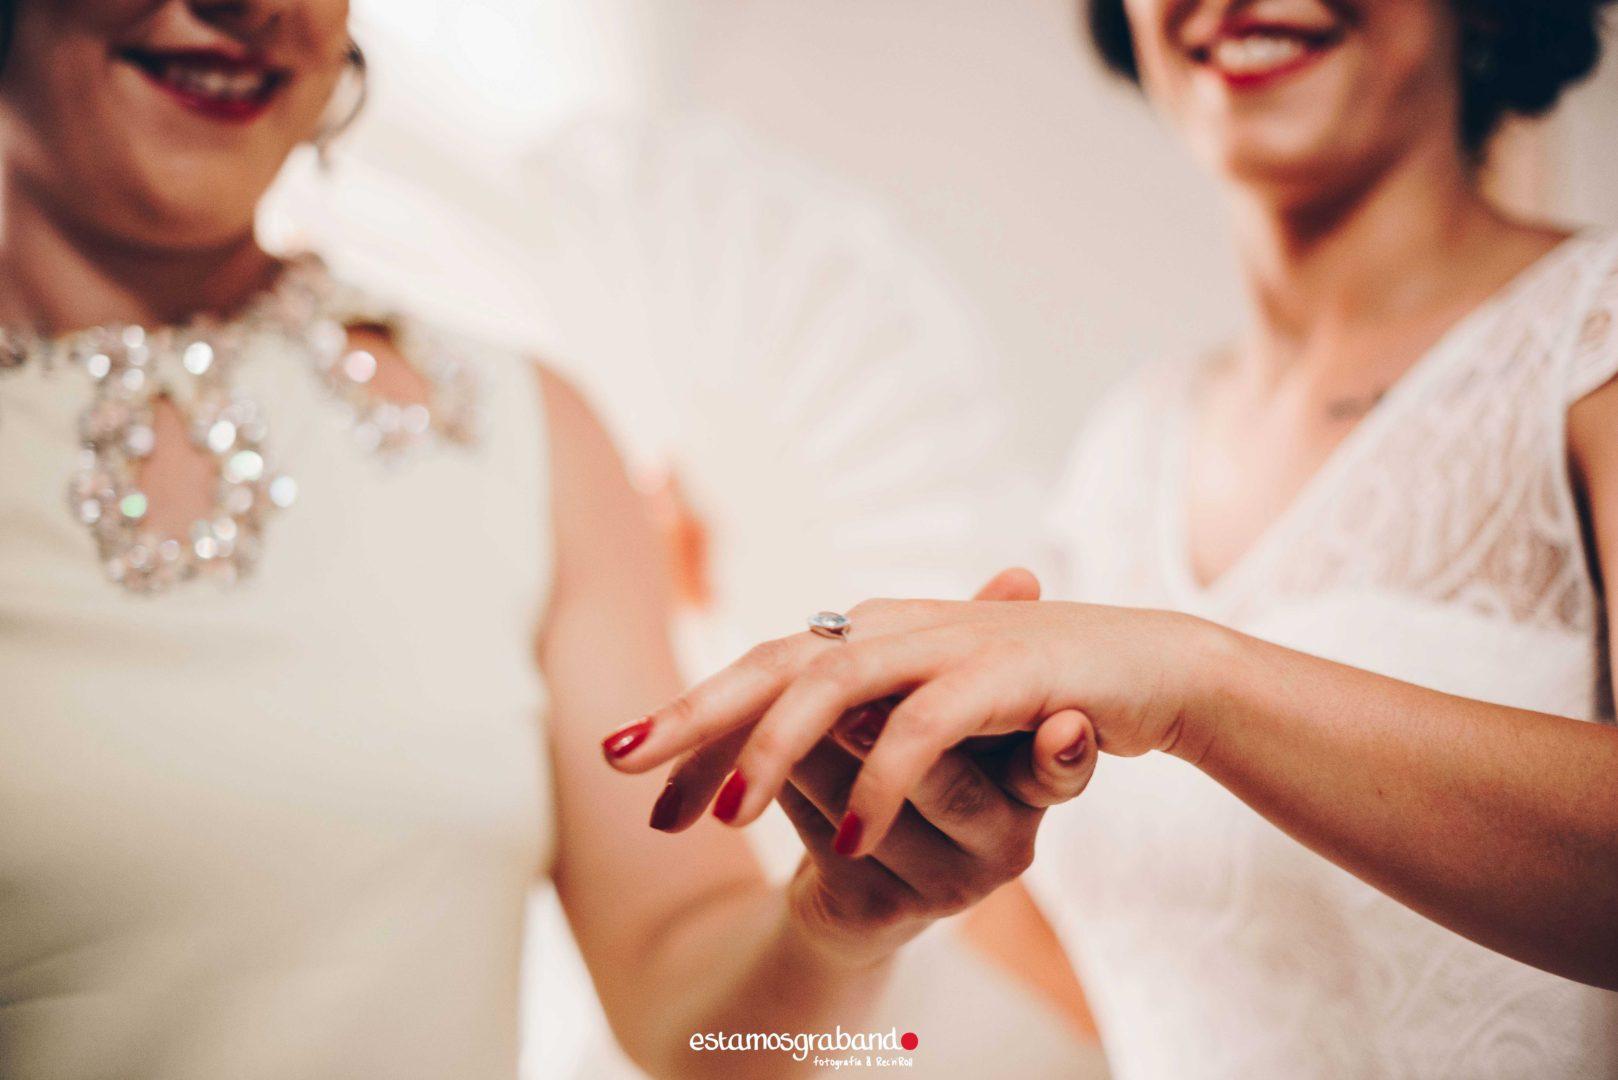 J_C-43-1618x1080 Julián & Cecilia _ Fotografía  de Boda (Ciudad Real) - video boda cadiz